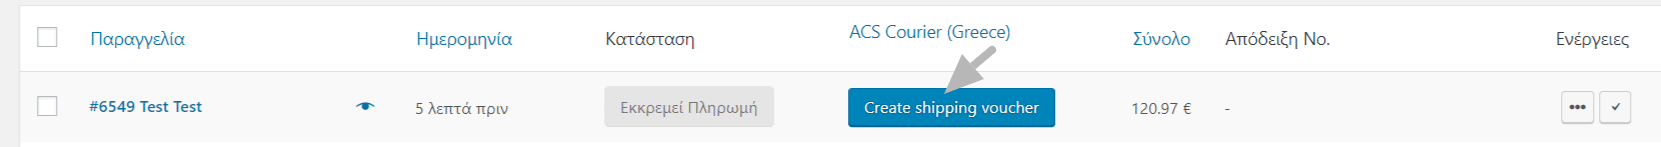 WP Woocommerce ACS Courier Voucher Create Vourcher